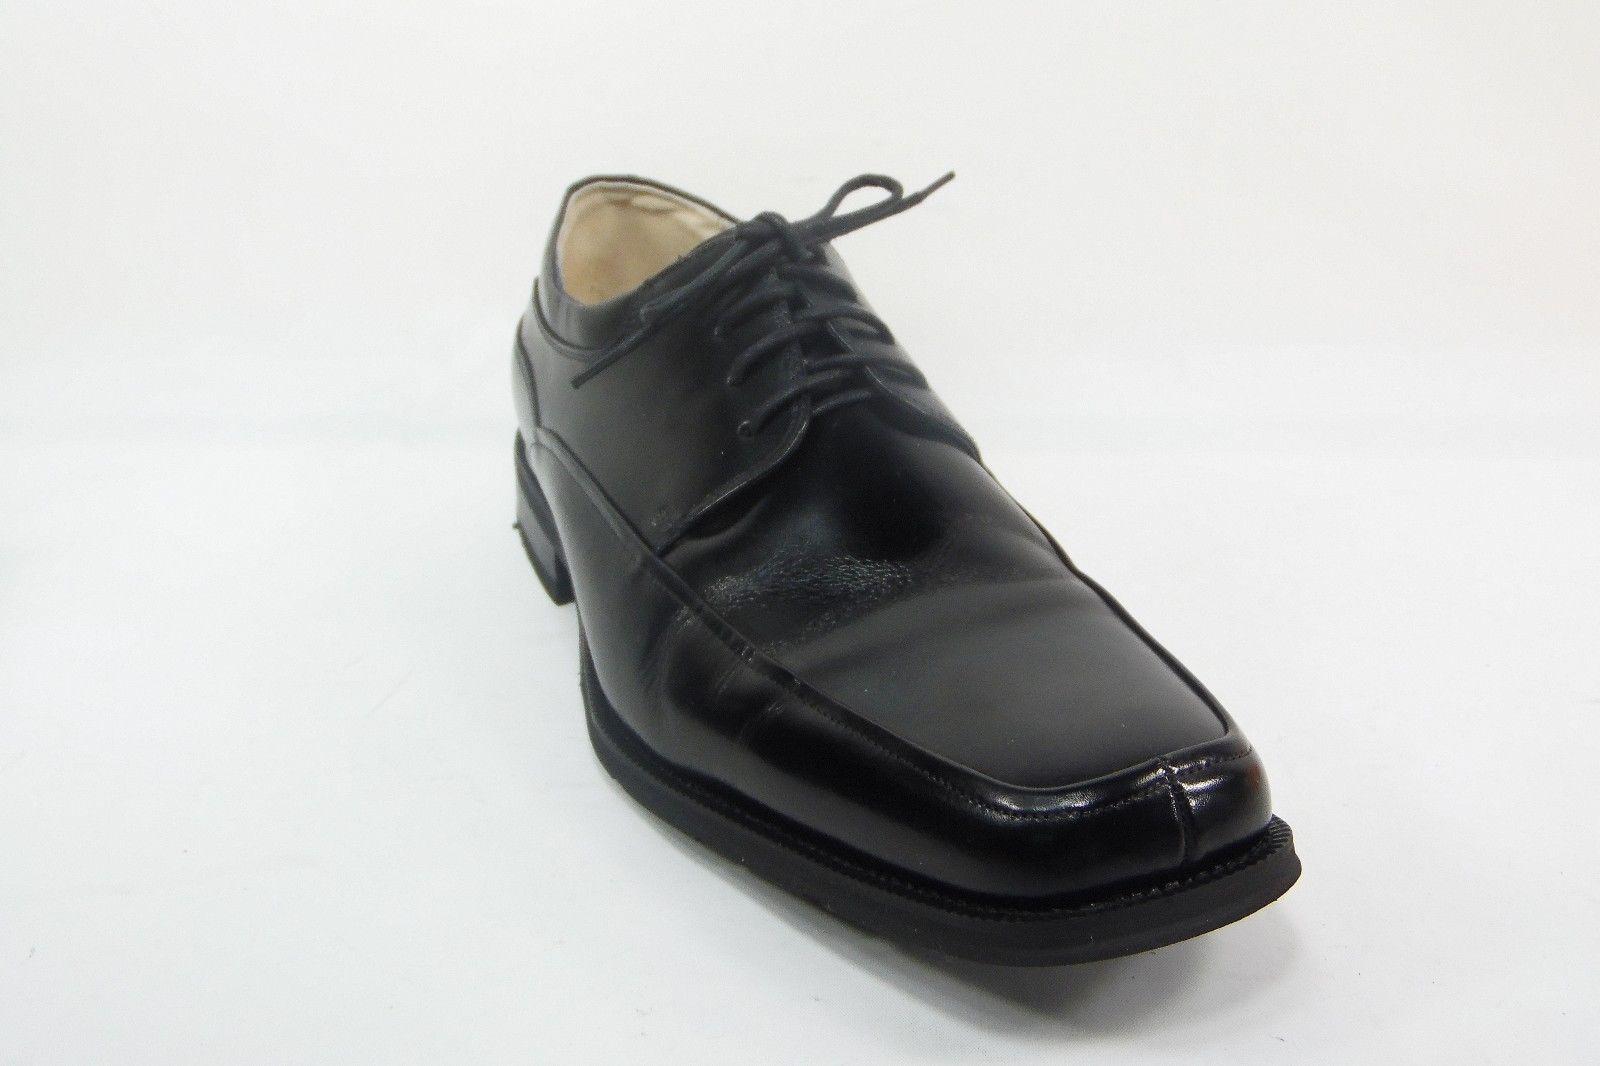 Florsheim Men/'s Cortland leather classic dress Black Shoes 14051-001